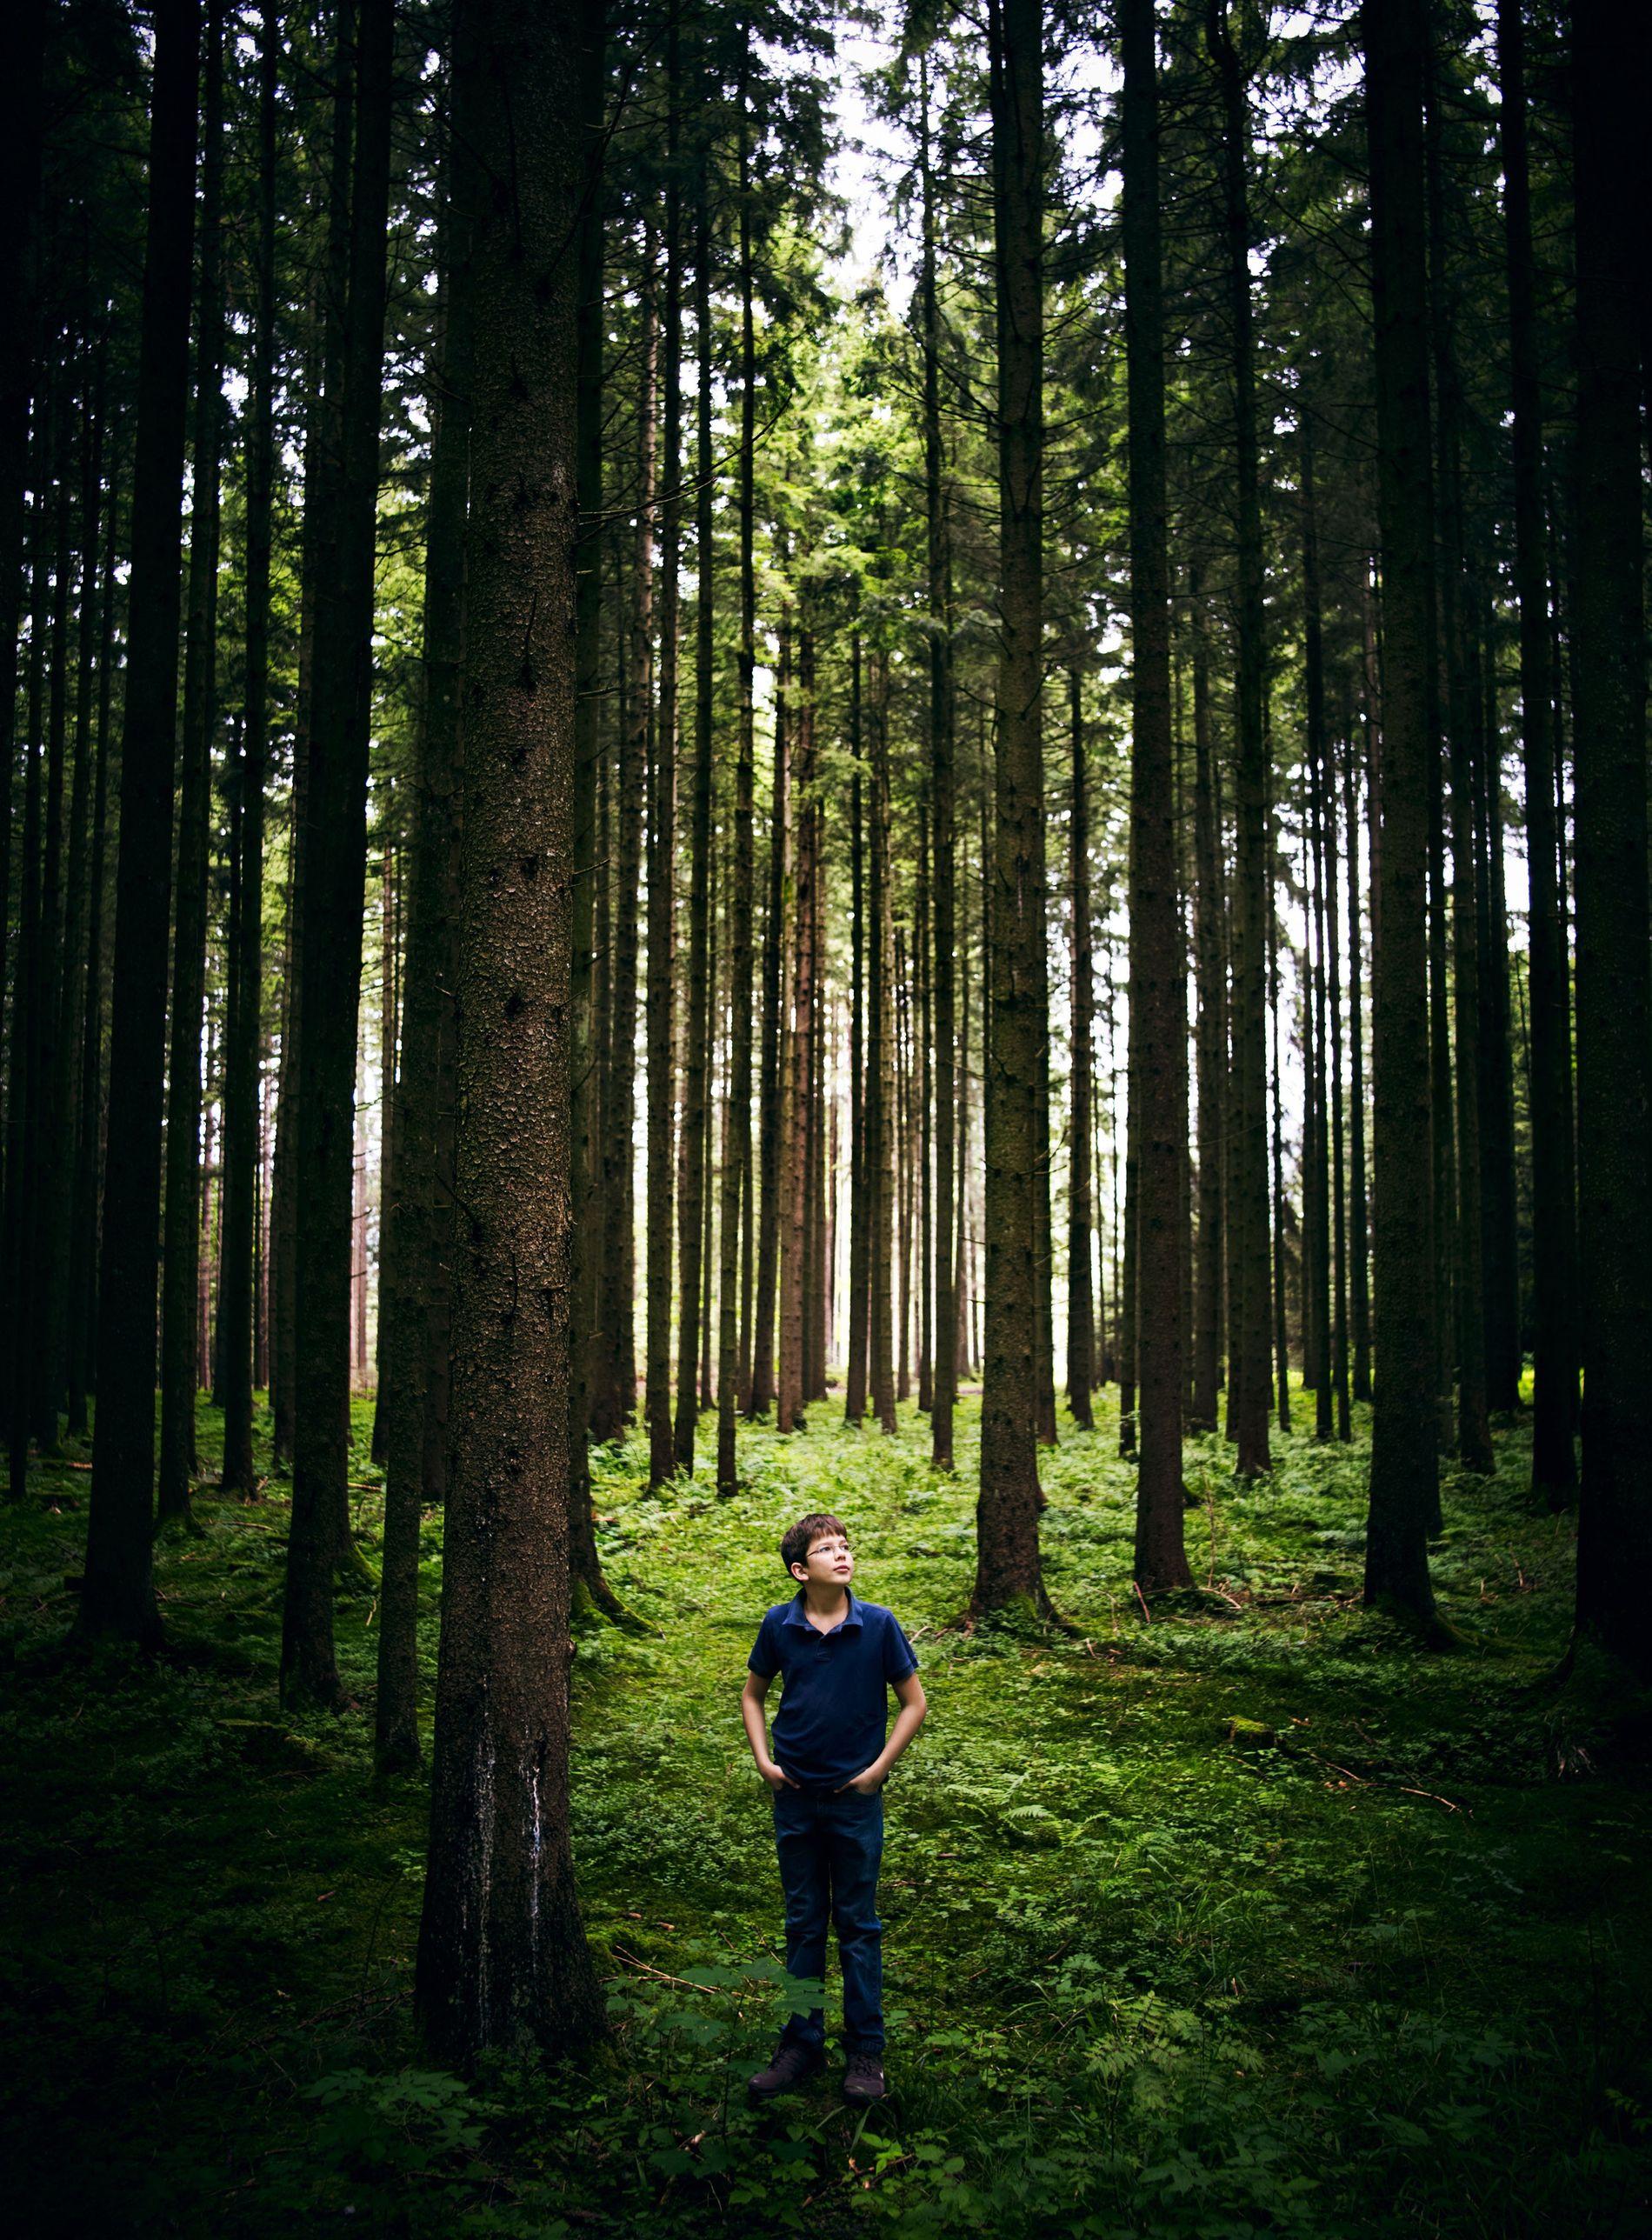 Felix Finkbeiner, hier zu sehen auf einem Foto aus dem Jahr 2011, hat sich das Pflanzen von Bäumen zur Lebensaufgabe gemacht. Damit ist er nicht allein.